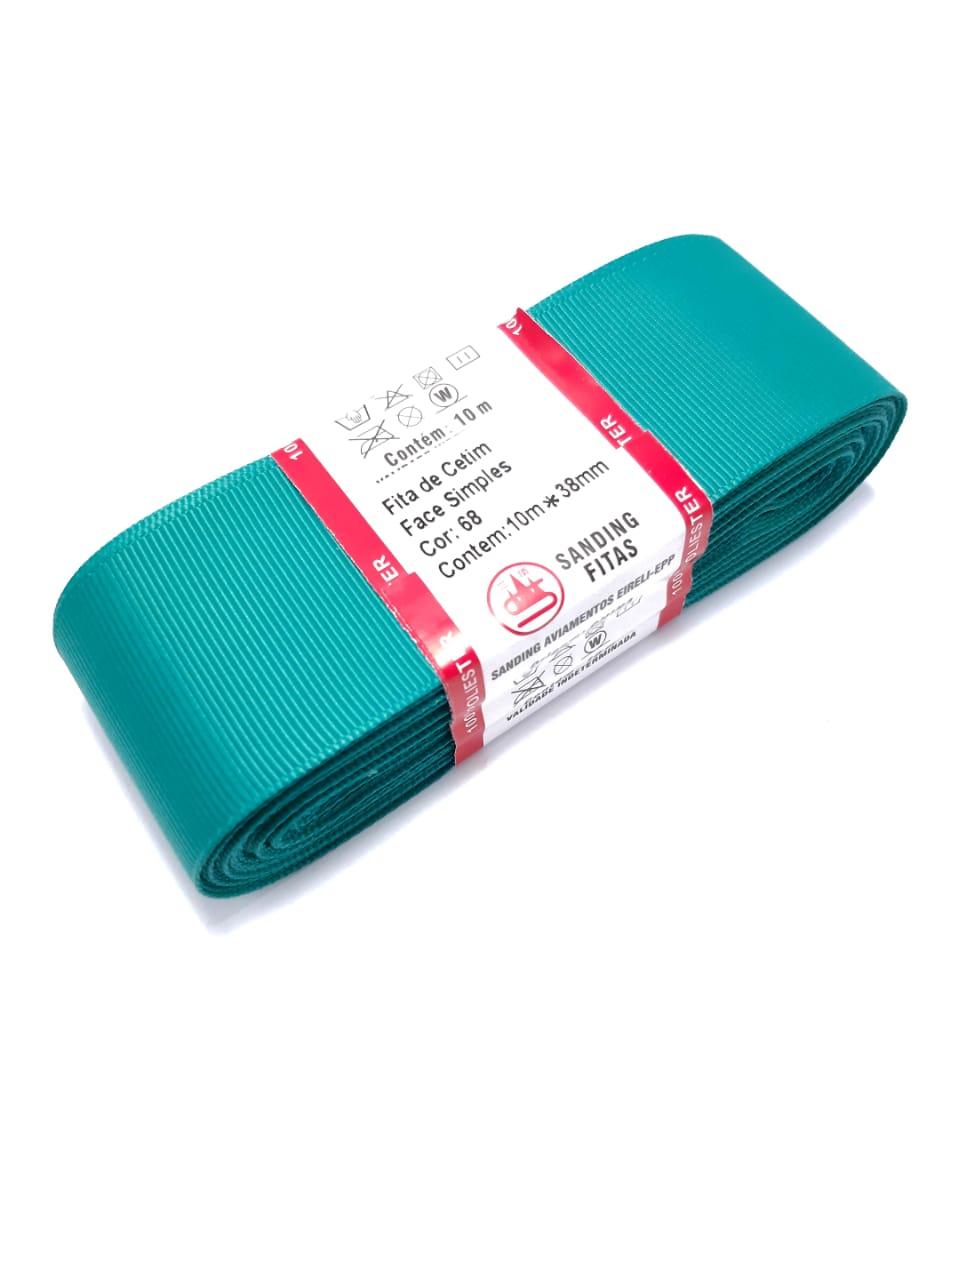 FITA SANDING 50mm (05 METROS) - Cor: 068 Verde Thiffany.